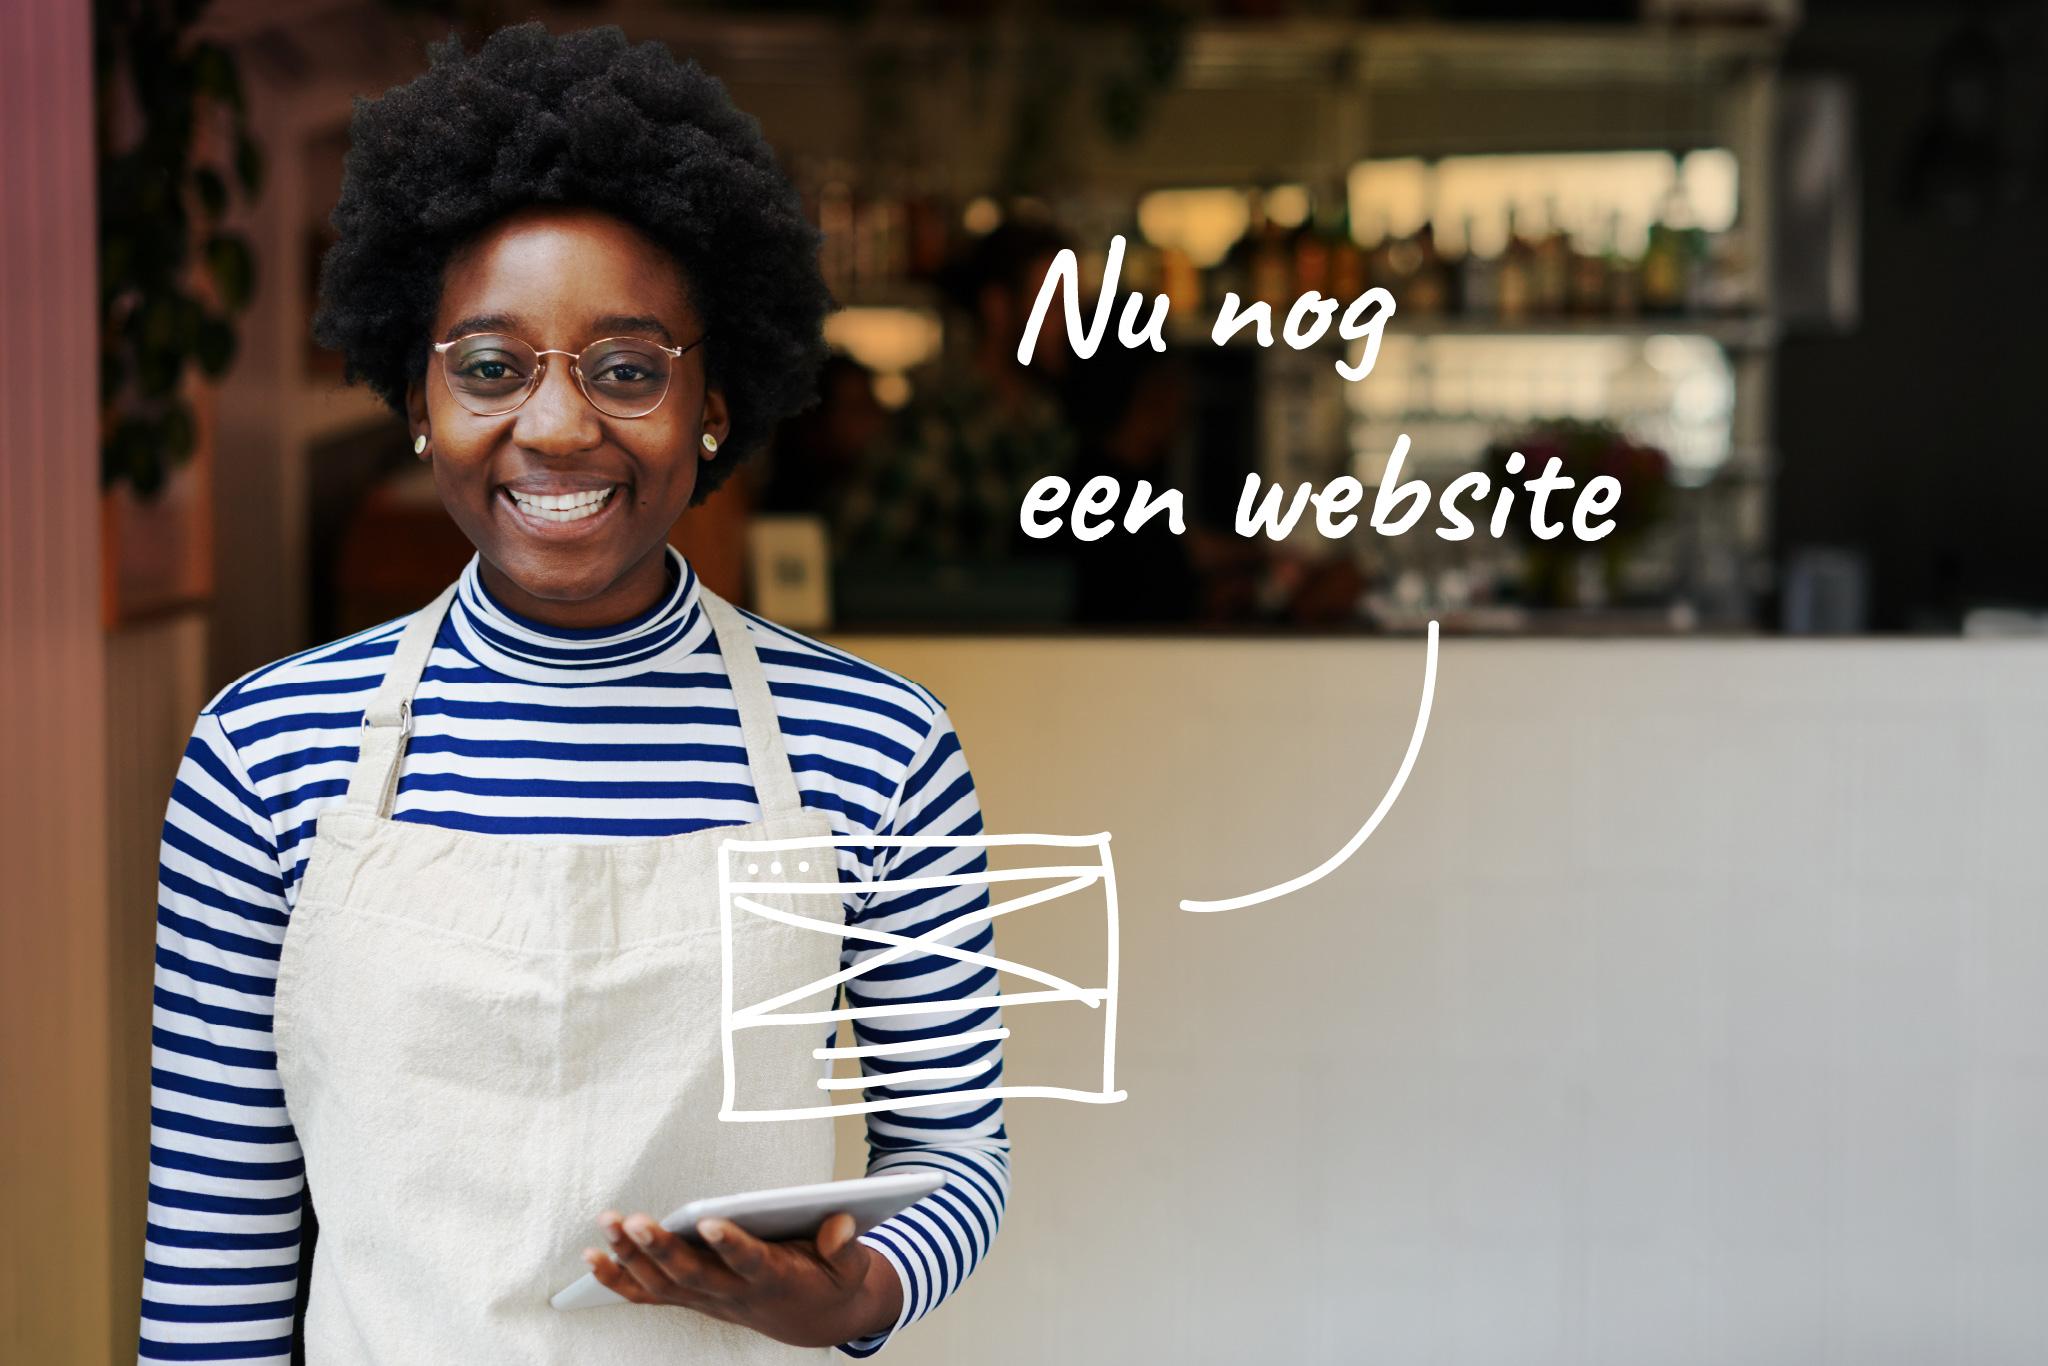 nu nog een website - online startersdag de kabelfabriek